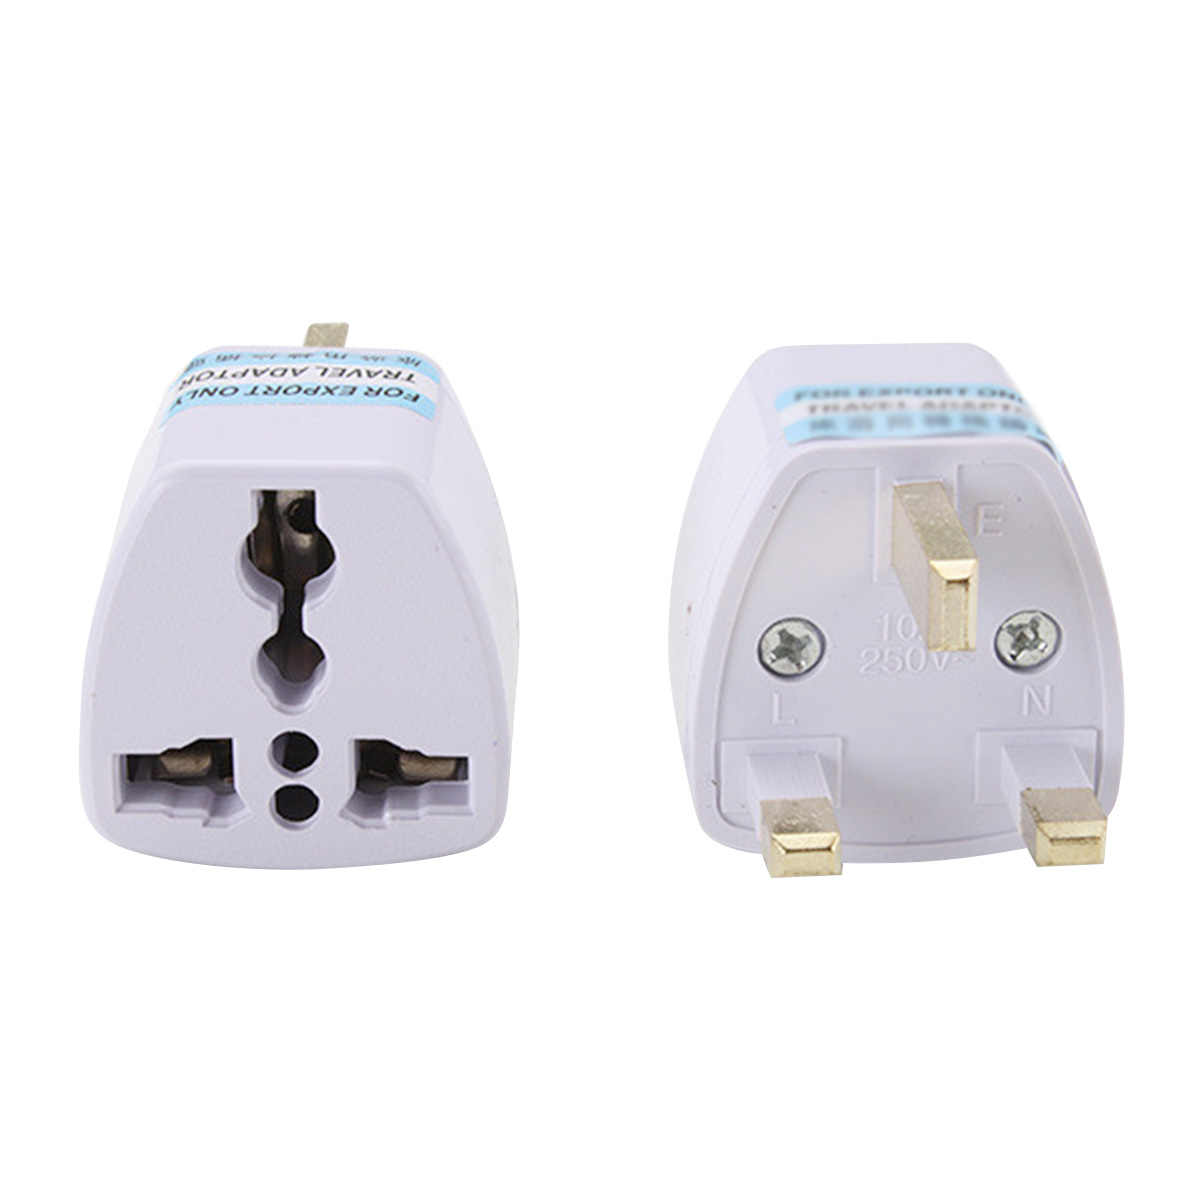 Universal AC Power Adapter Konverter Internationalen UNS/EU/CN Zu UK Stecker Reise Adapter Elektrische Stecker Converter Power buchse